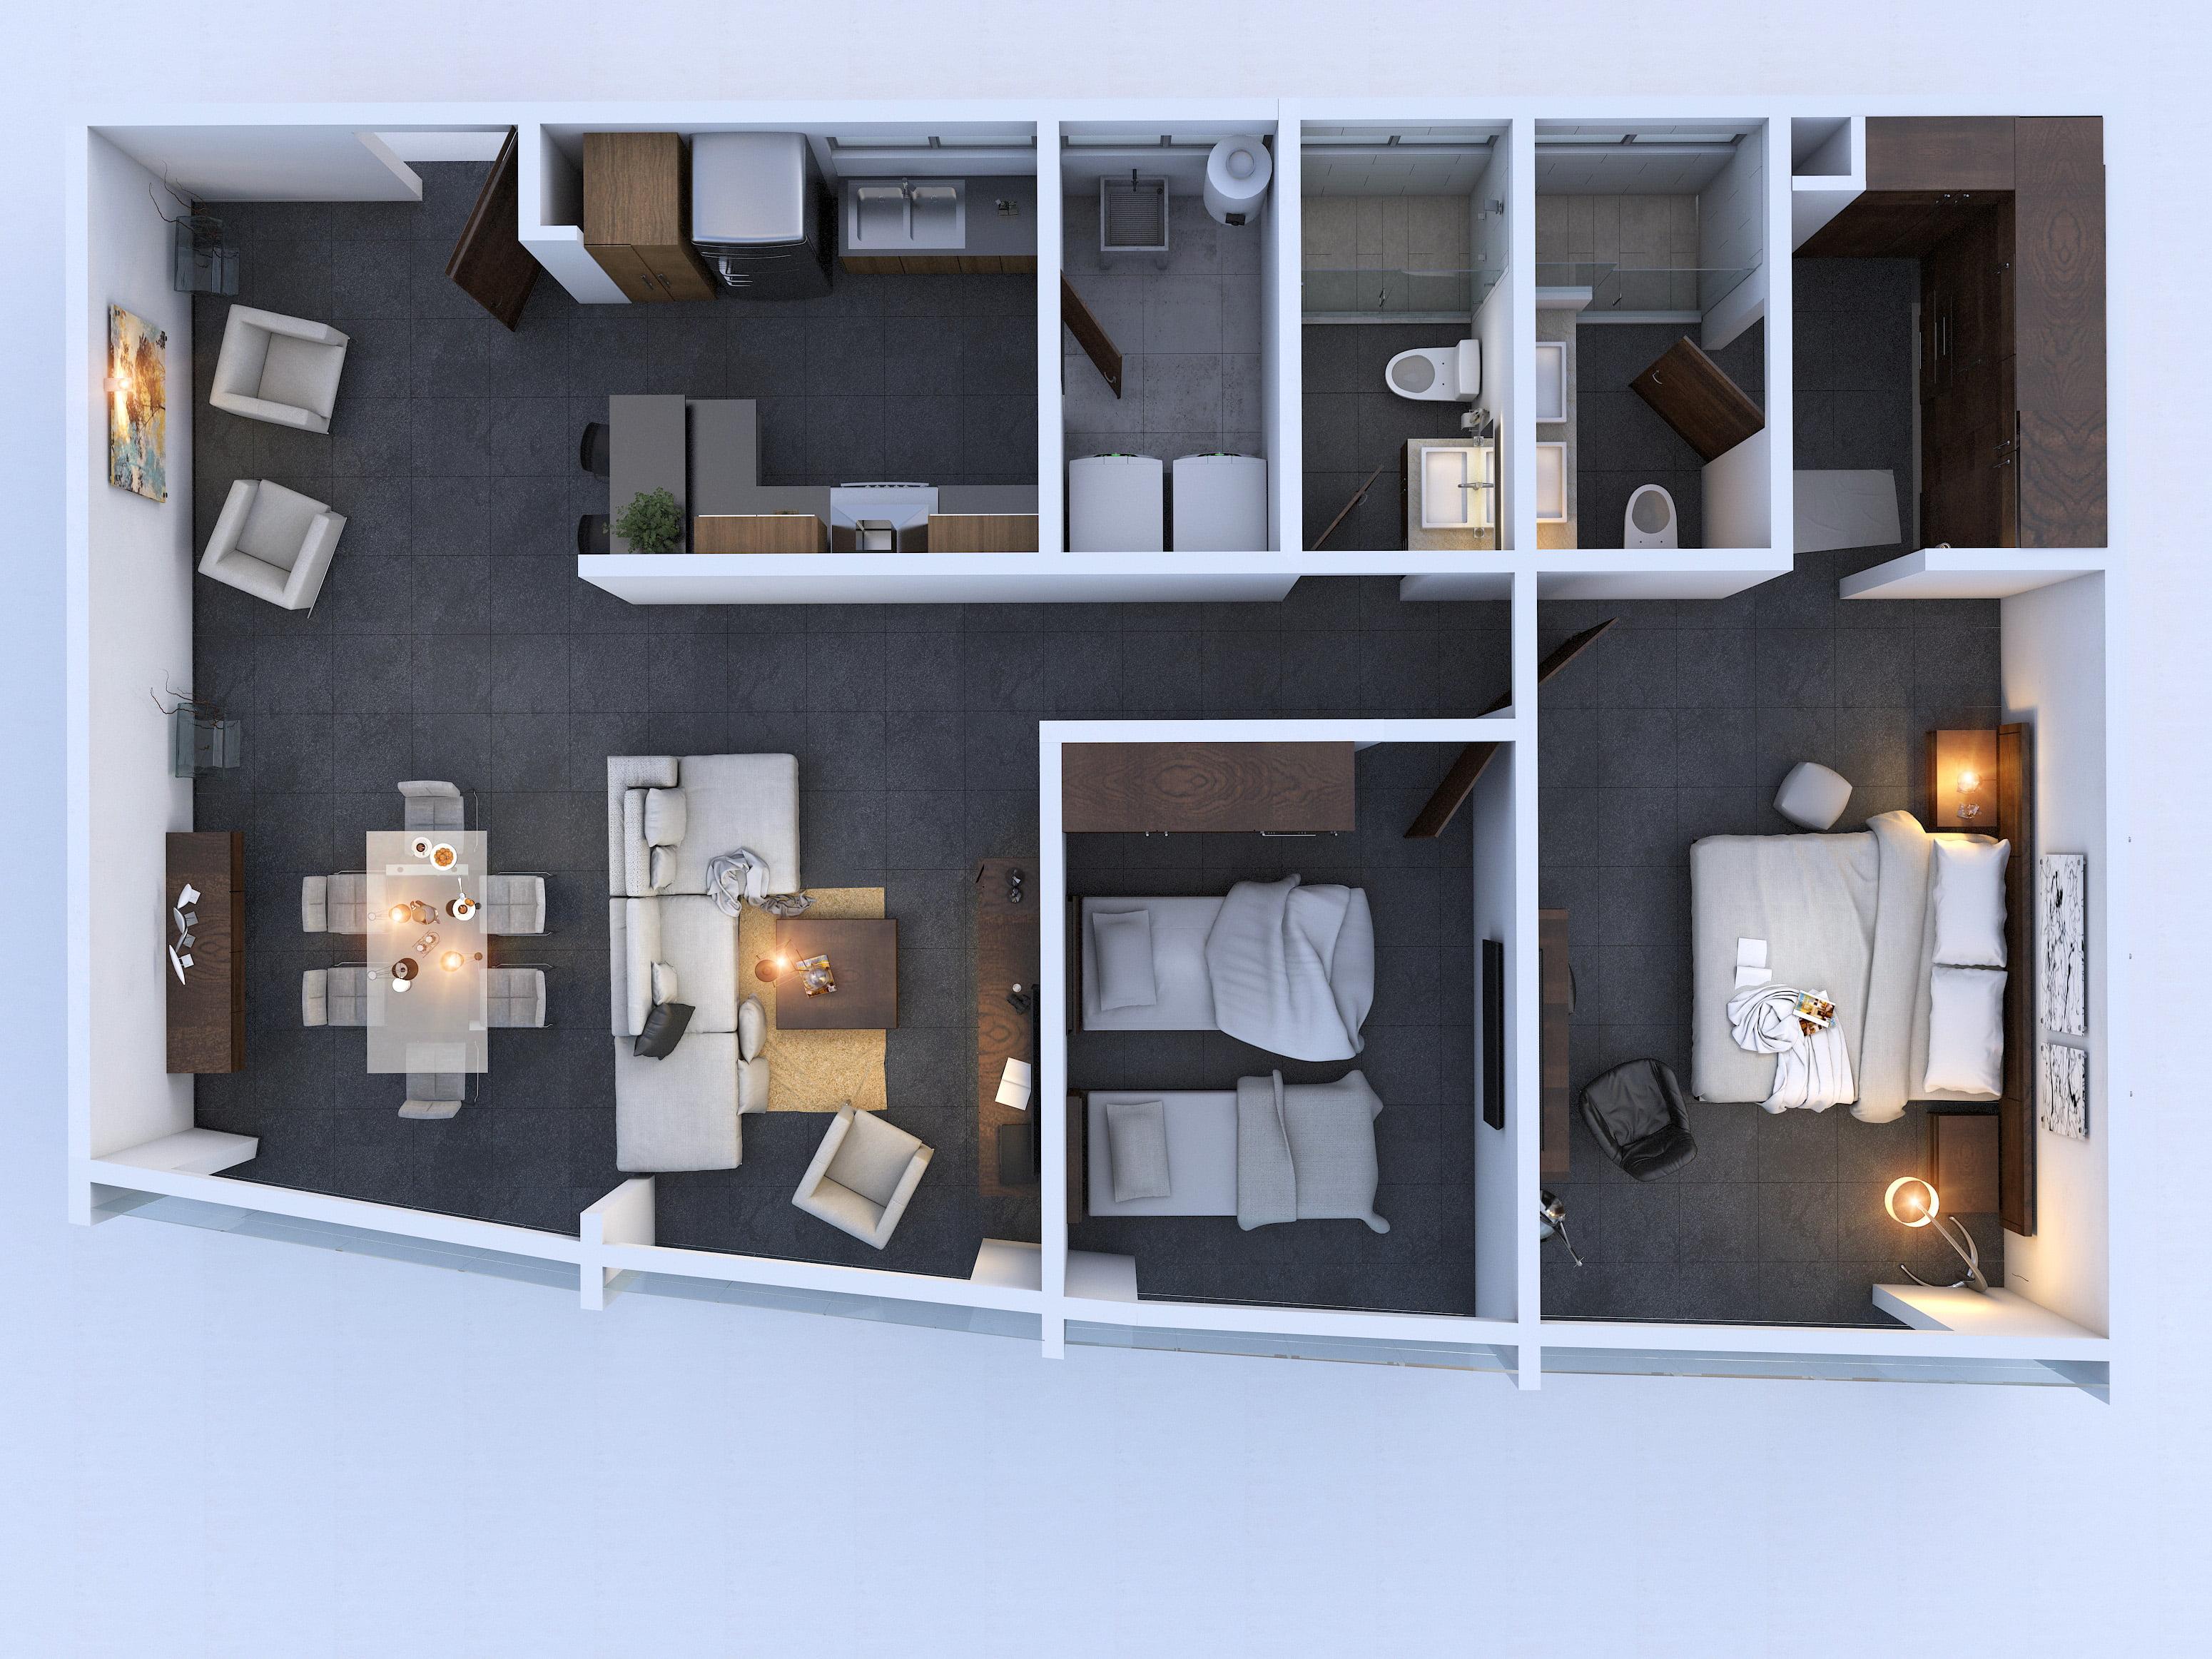 planos Departamentos Modelo Álpes - Ándes Penthouse